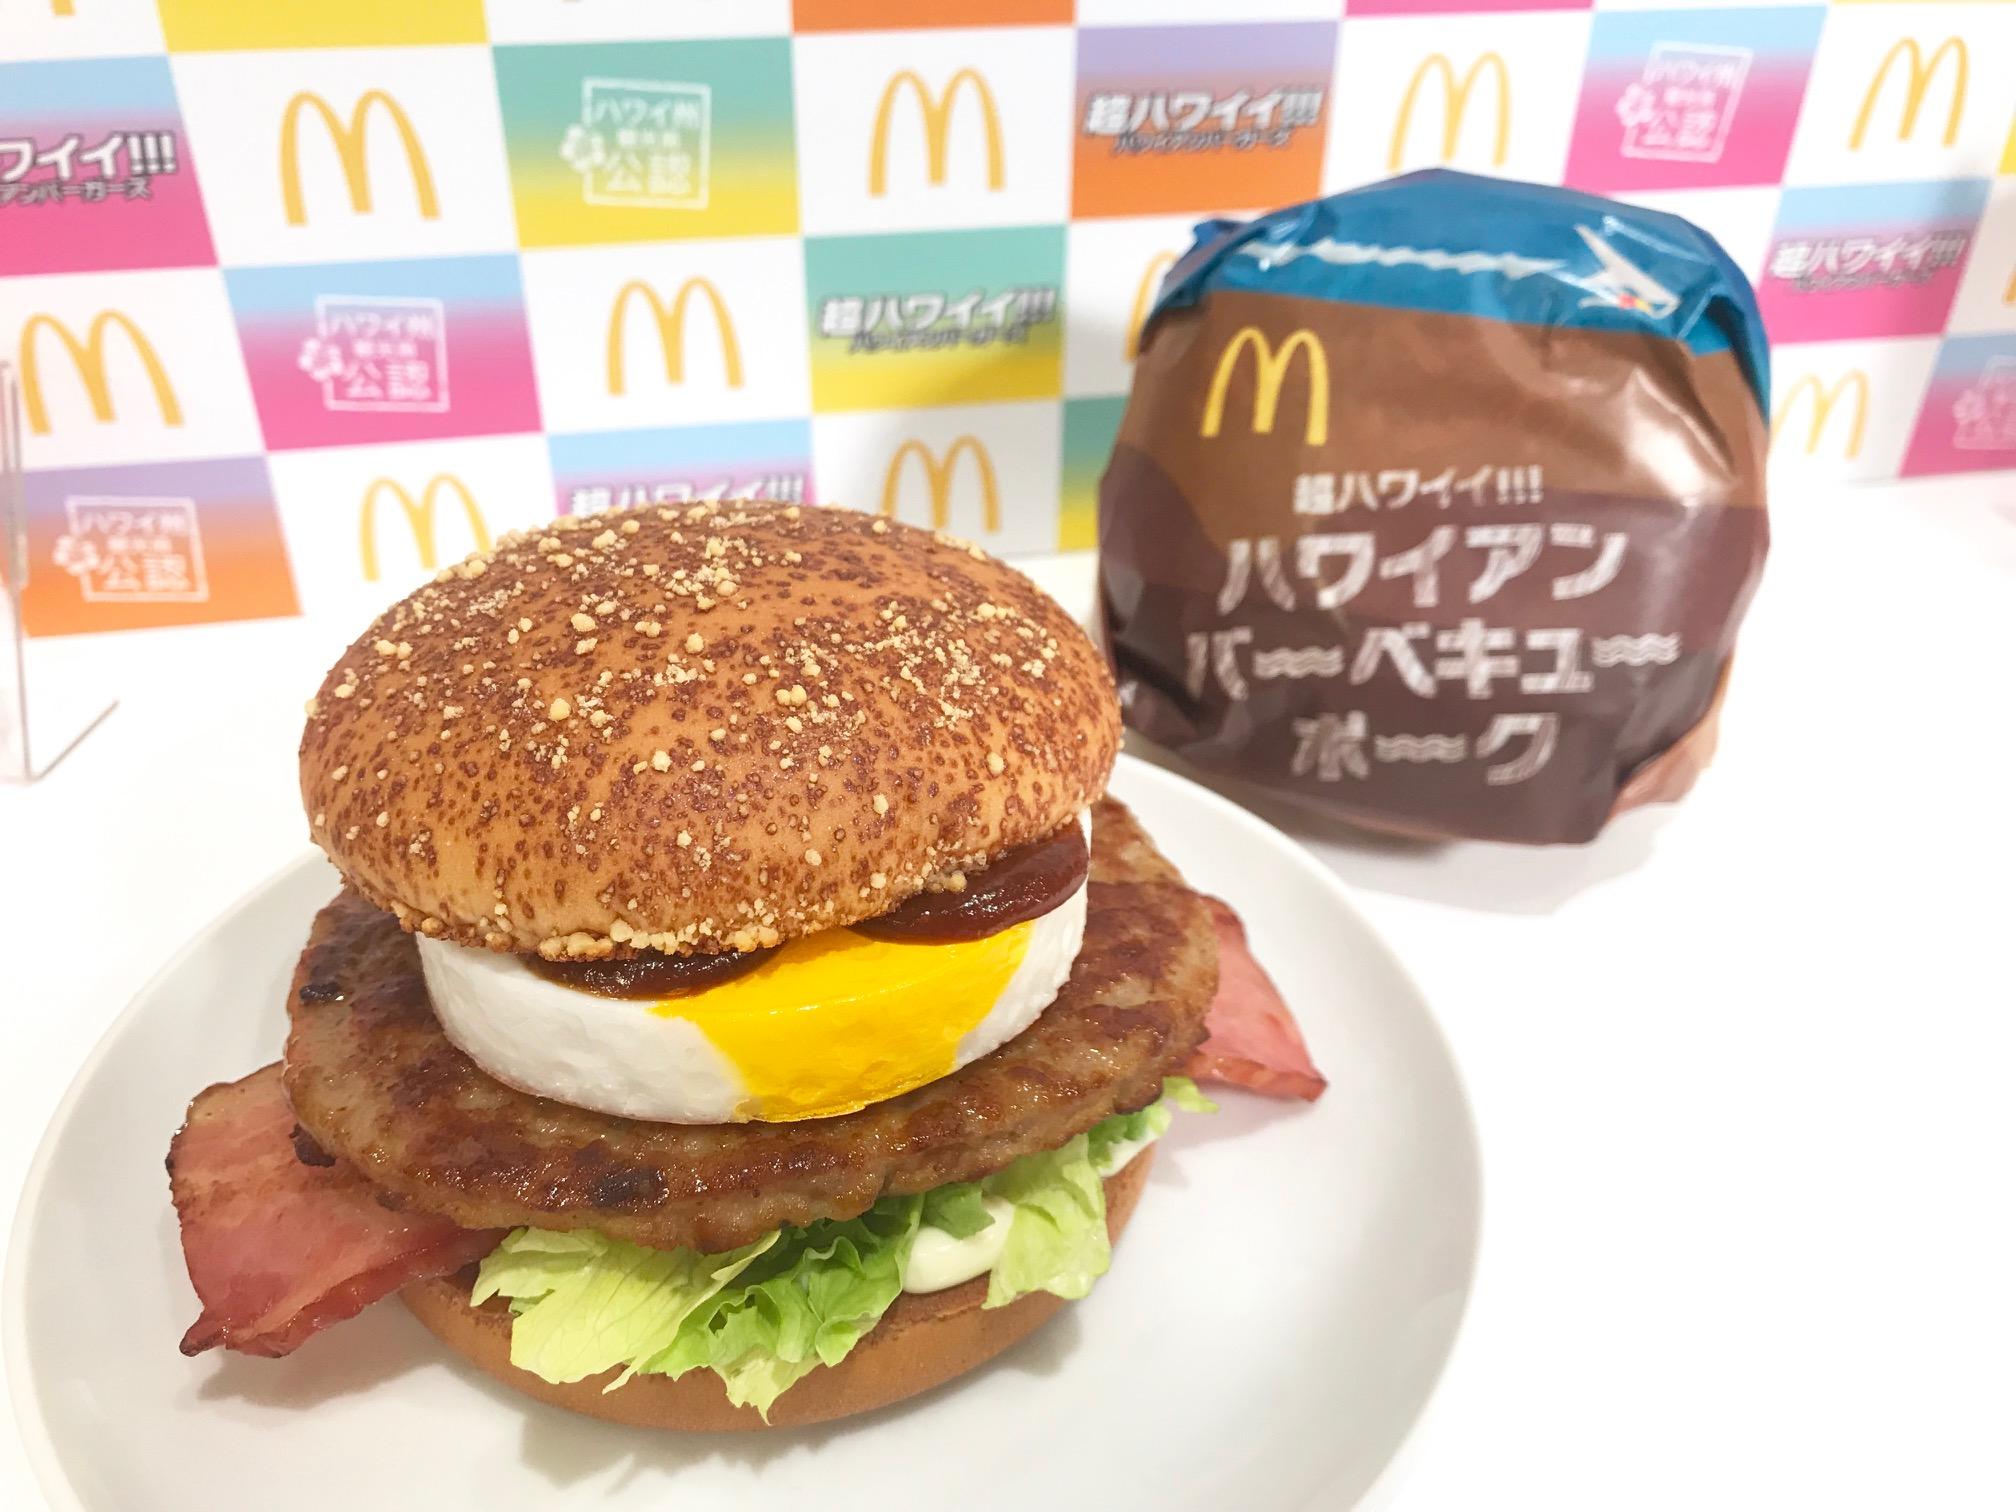 『マクドナルド』でハワイ!? 「ハワイアンバーガーズ」限定発売!日本航空の「ハワイ島コナ往復航空券」が当たるチャンスも_5